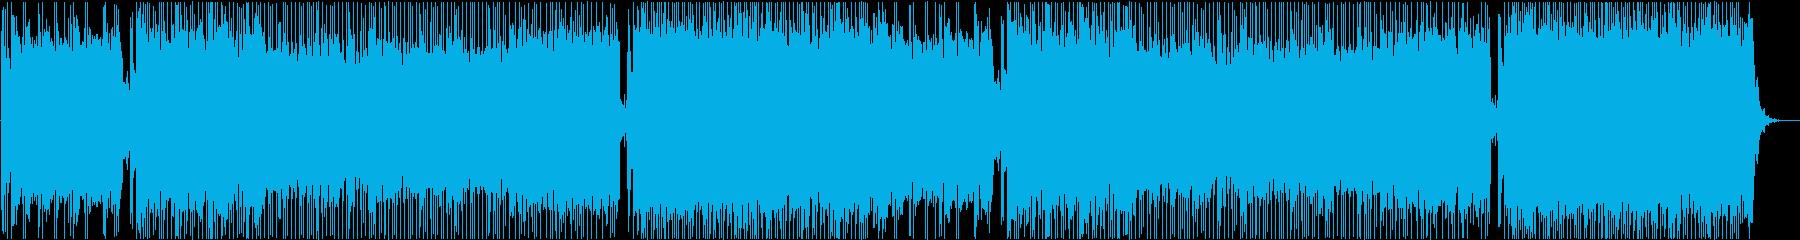 ロックなレース曲01の再生済みの波形